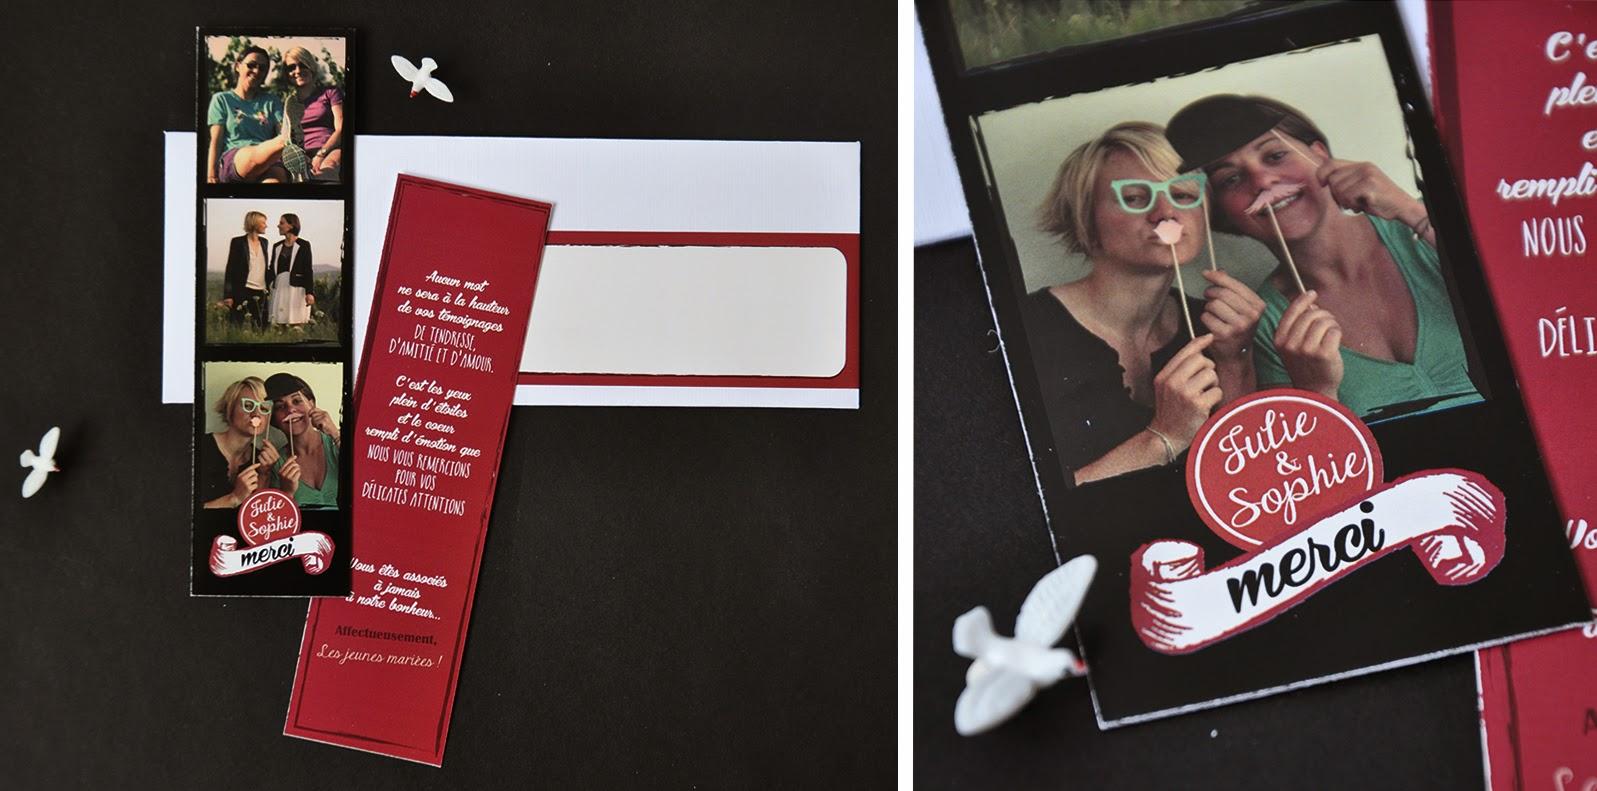 faire part remerciement mariage photomaton magnet et carton 300gr avec enveloppe longue et tiquette pour adresse assortie - Faire Part Photomaton Mariage